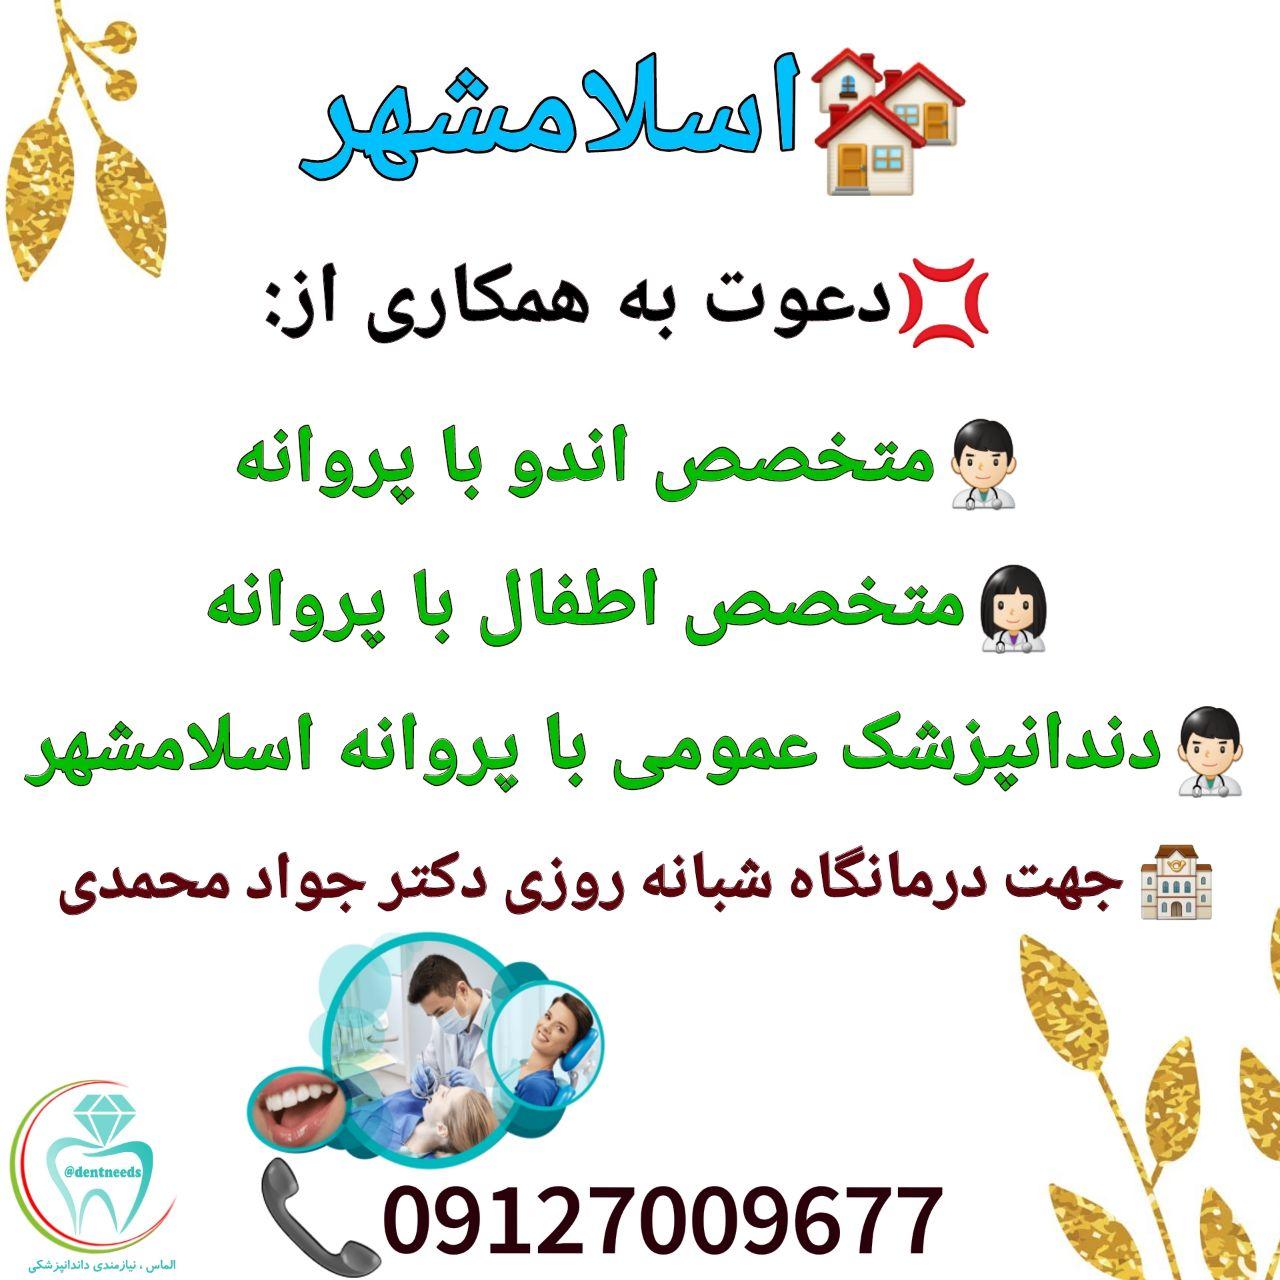 اسلامشهر: نیاز به متخصص اندو با پروانه، متخصص اطفال با پروانه، و دندانپزشک عمومی با پروانه اسلامشهر